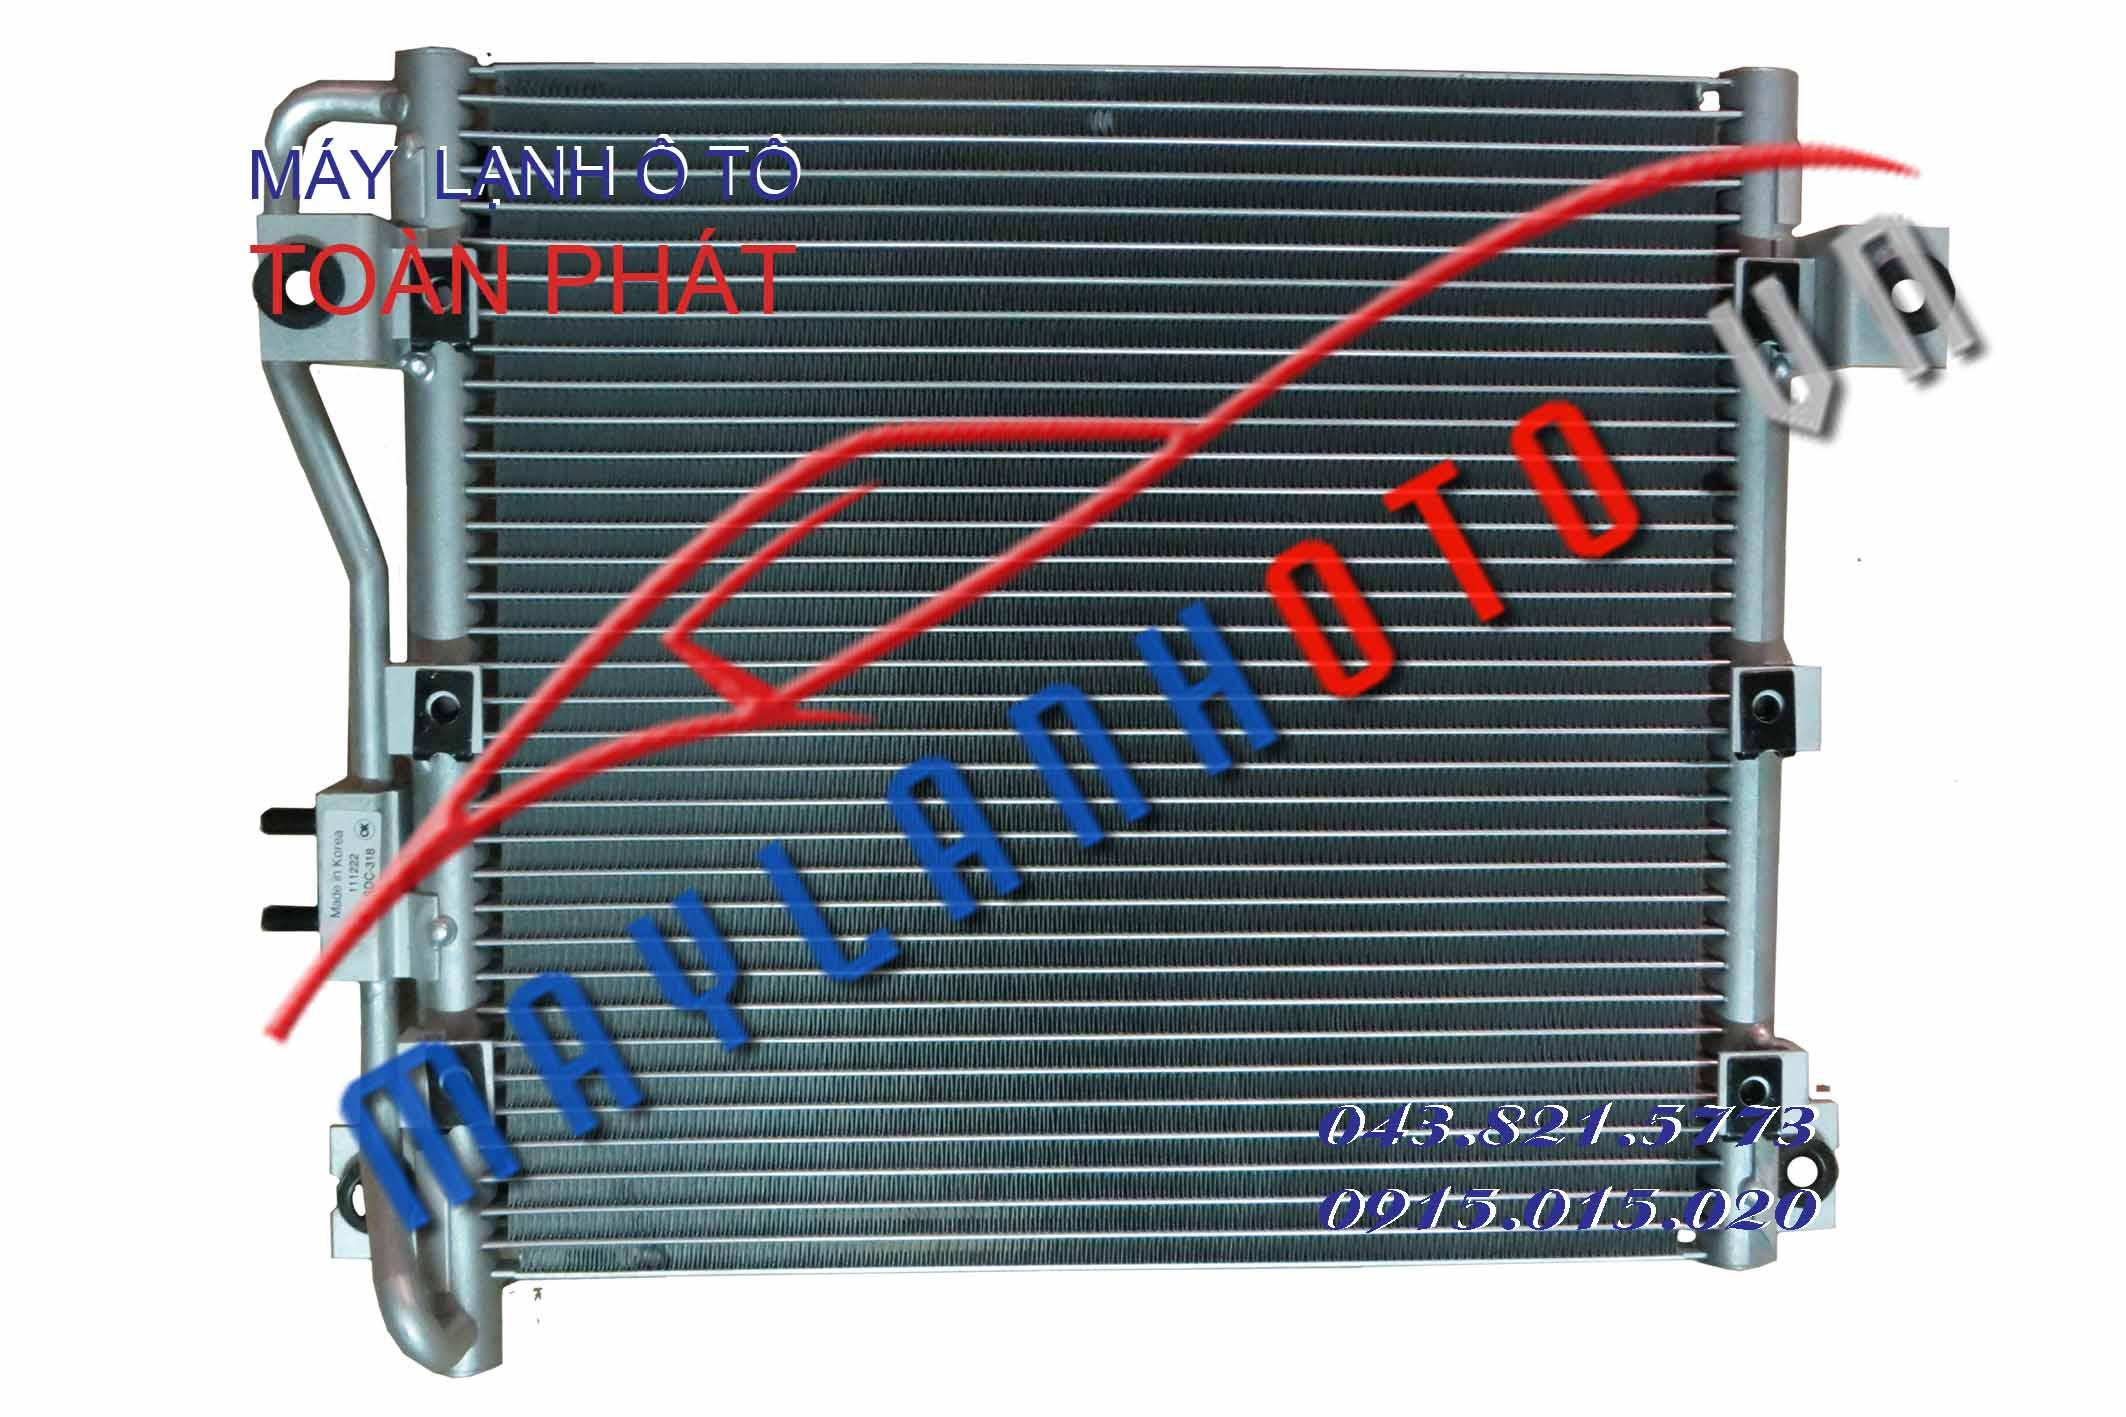 Starex (giàn phụ) / Giàn nóng điều hòa Hyundai Starex / Dàn nóng điều hòa Hyundai Starex